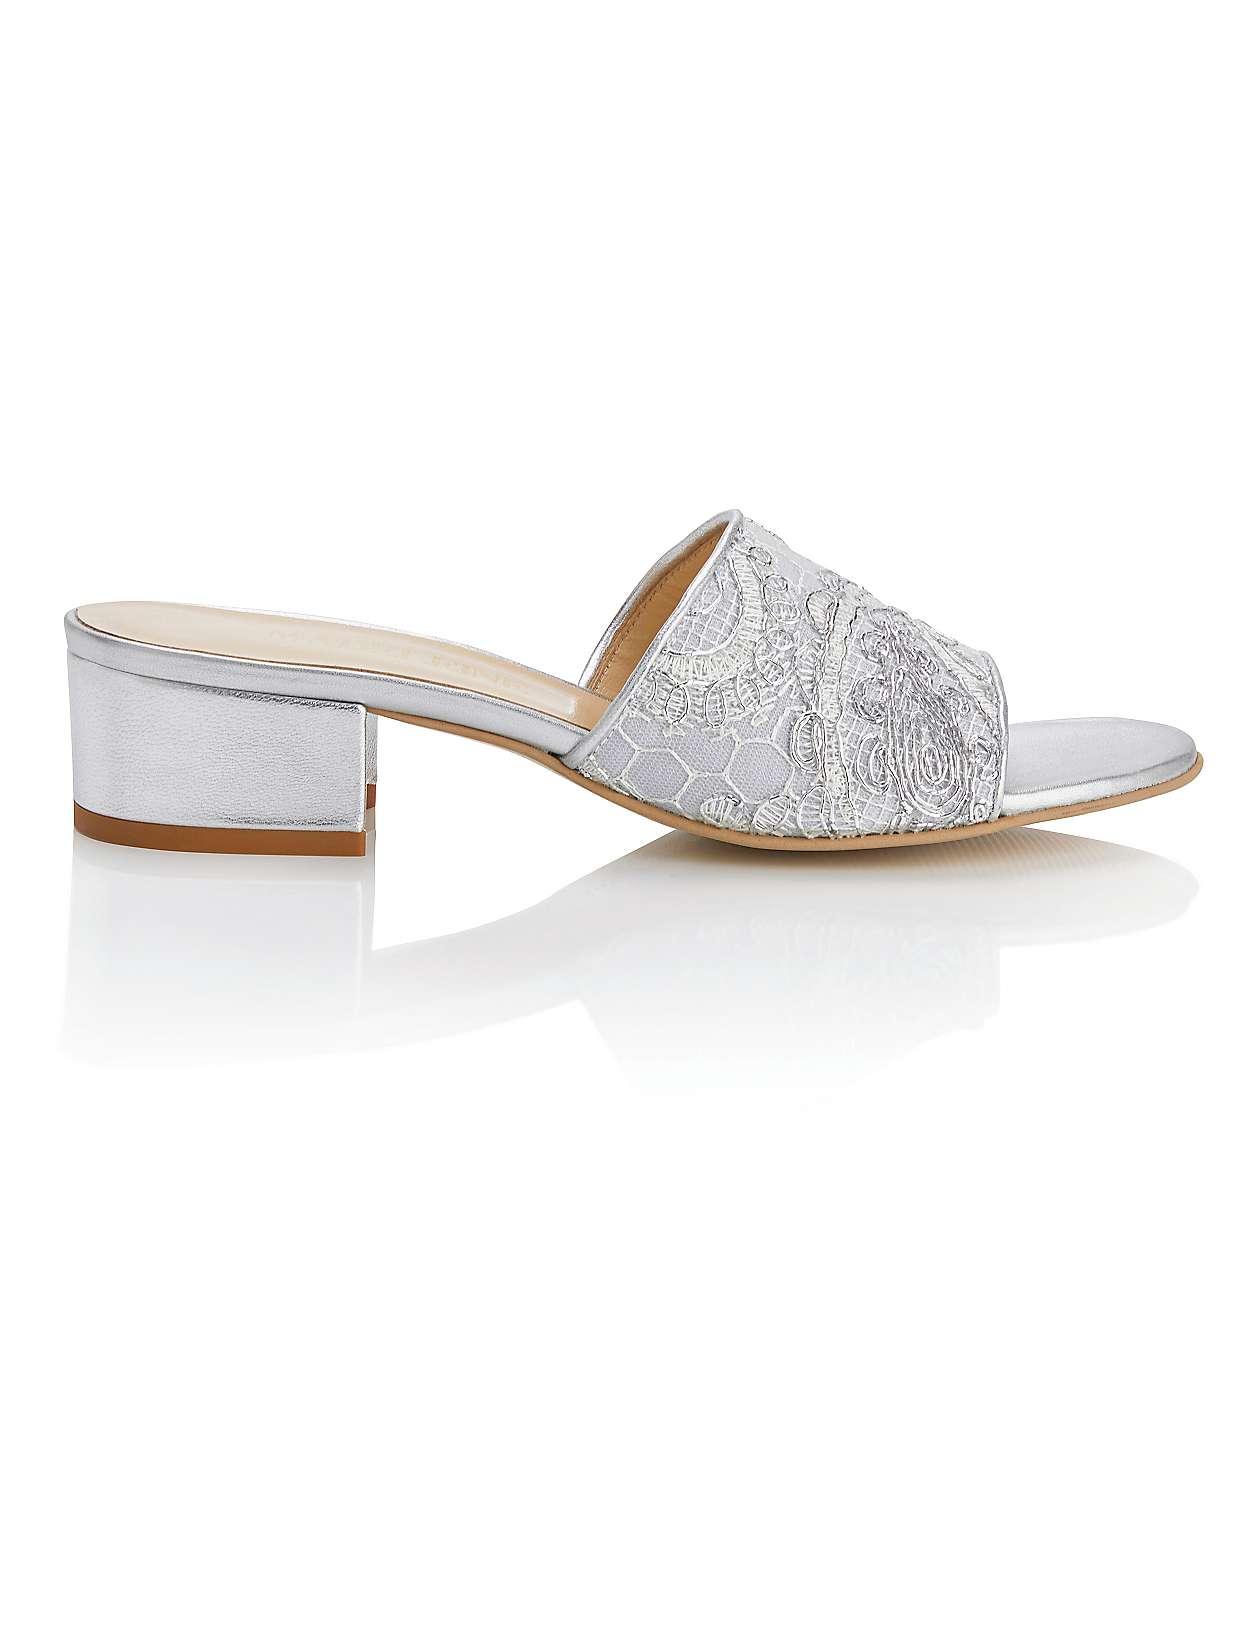 33a33af5369 Mules | MADELEINE Fashion